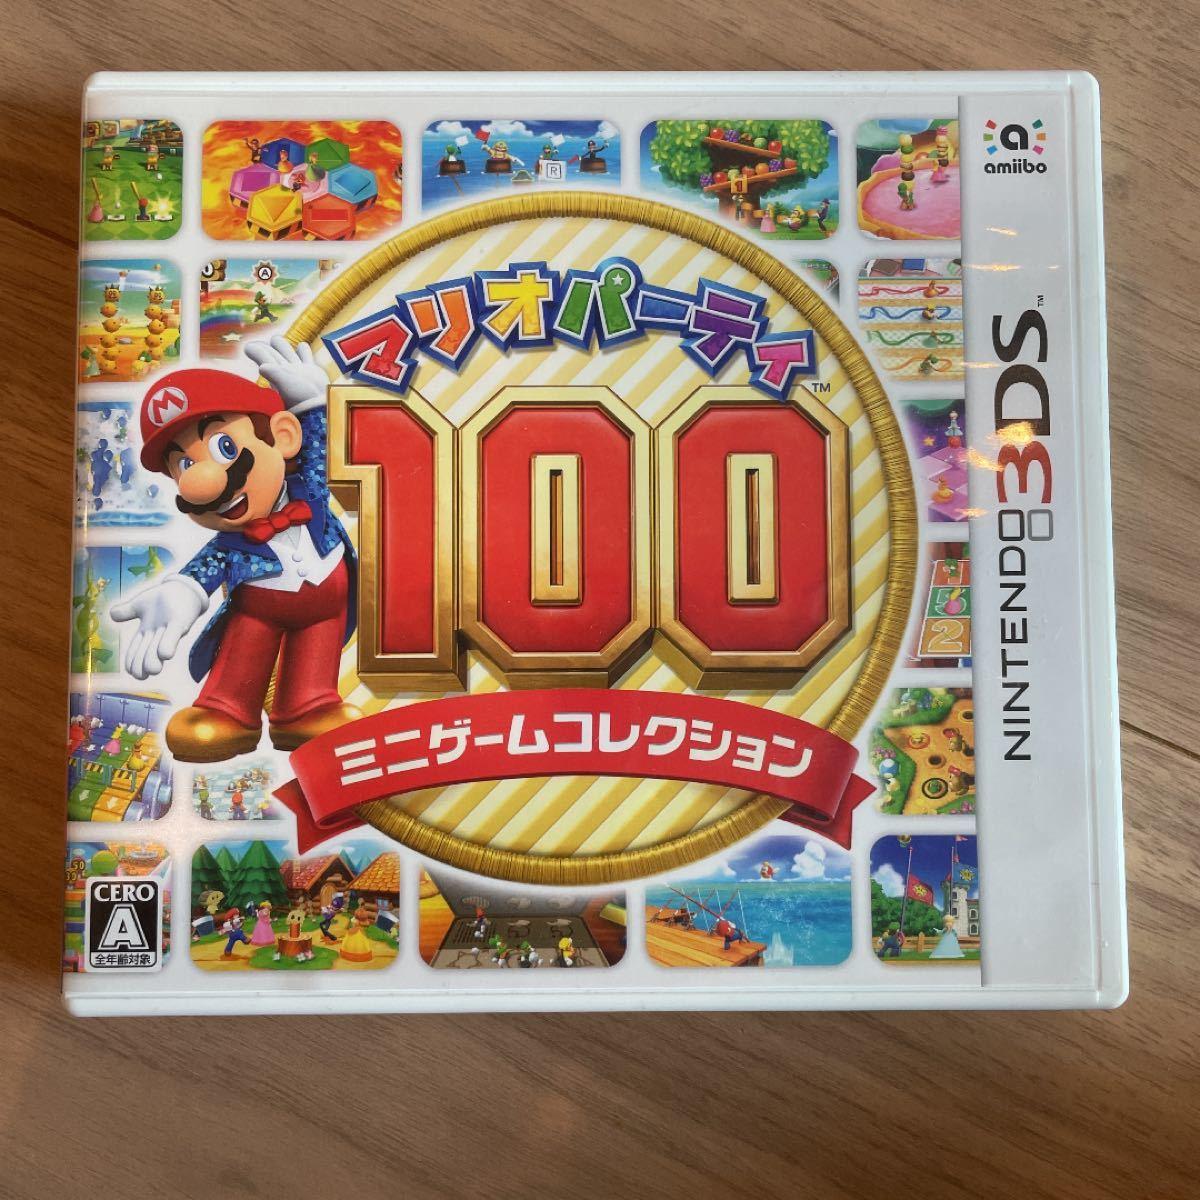 マリオパーティ100ミニゲームコレクション 3DS ニンテンドー3DS マリオパーティ 任天堂